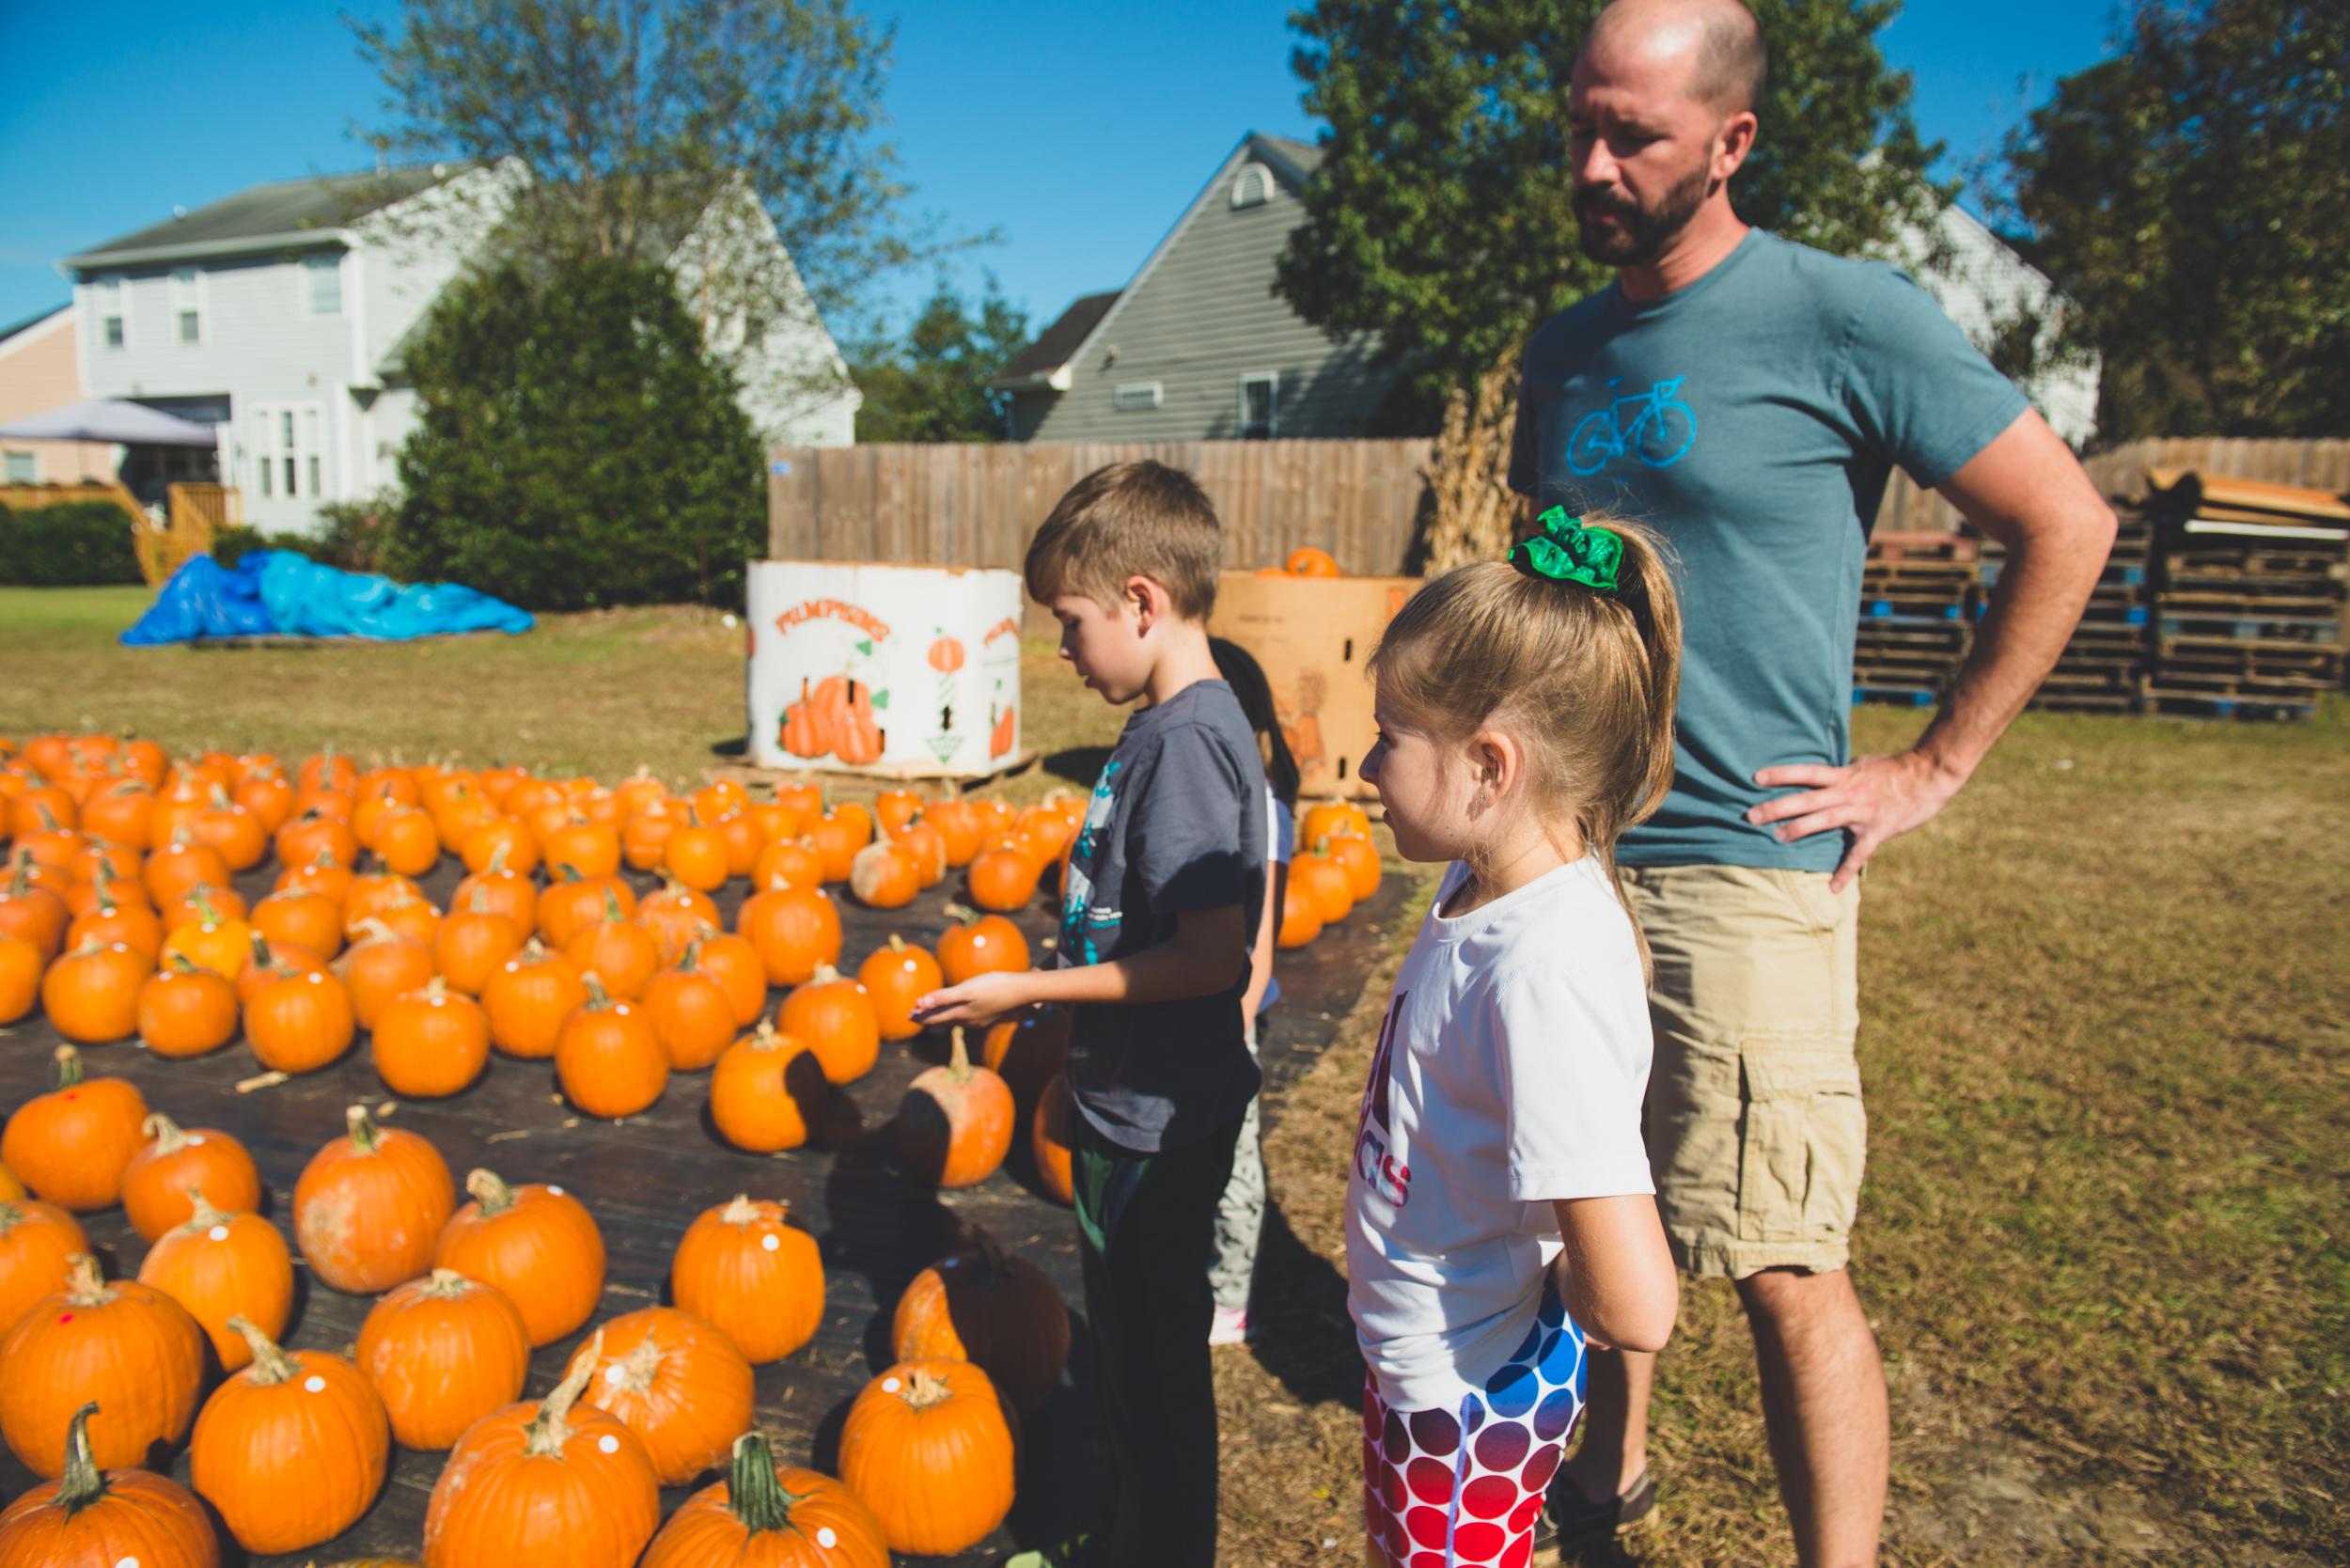 fall_pumpkin_patch_family_portrait_raleigh-2.jpg